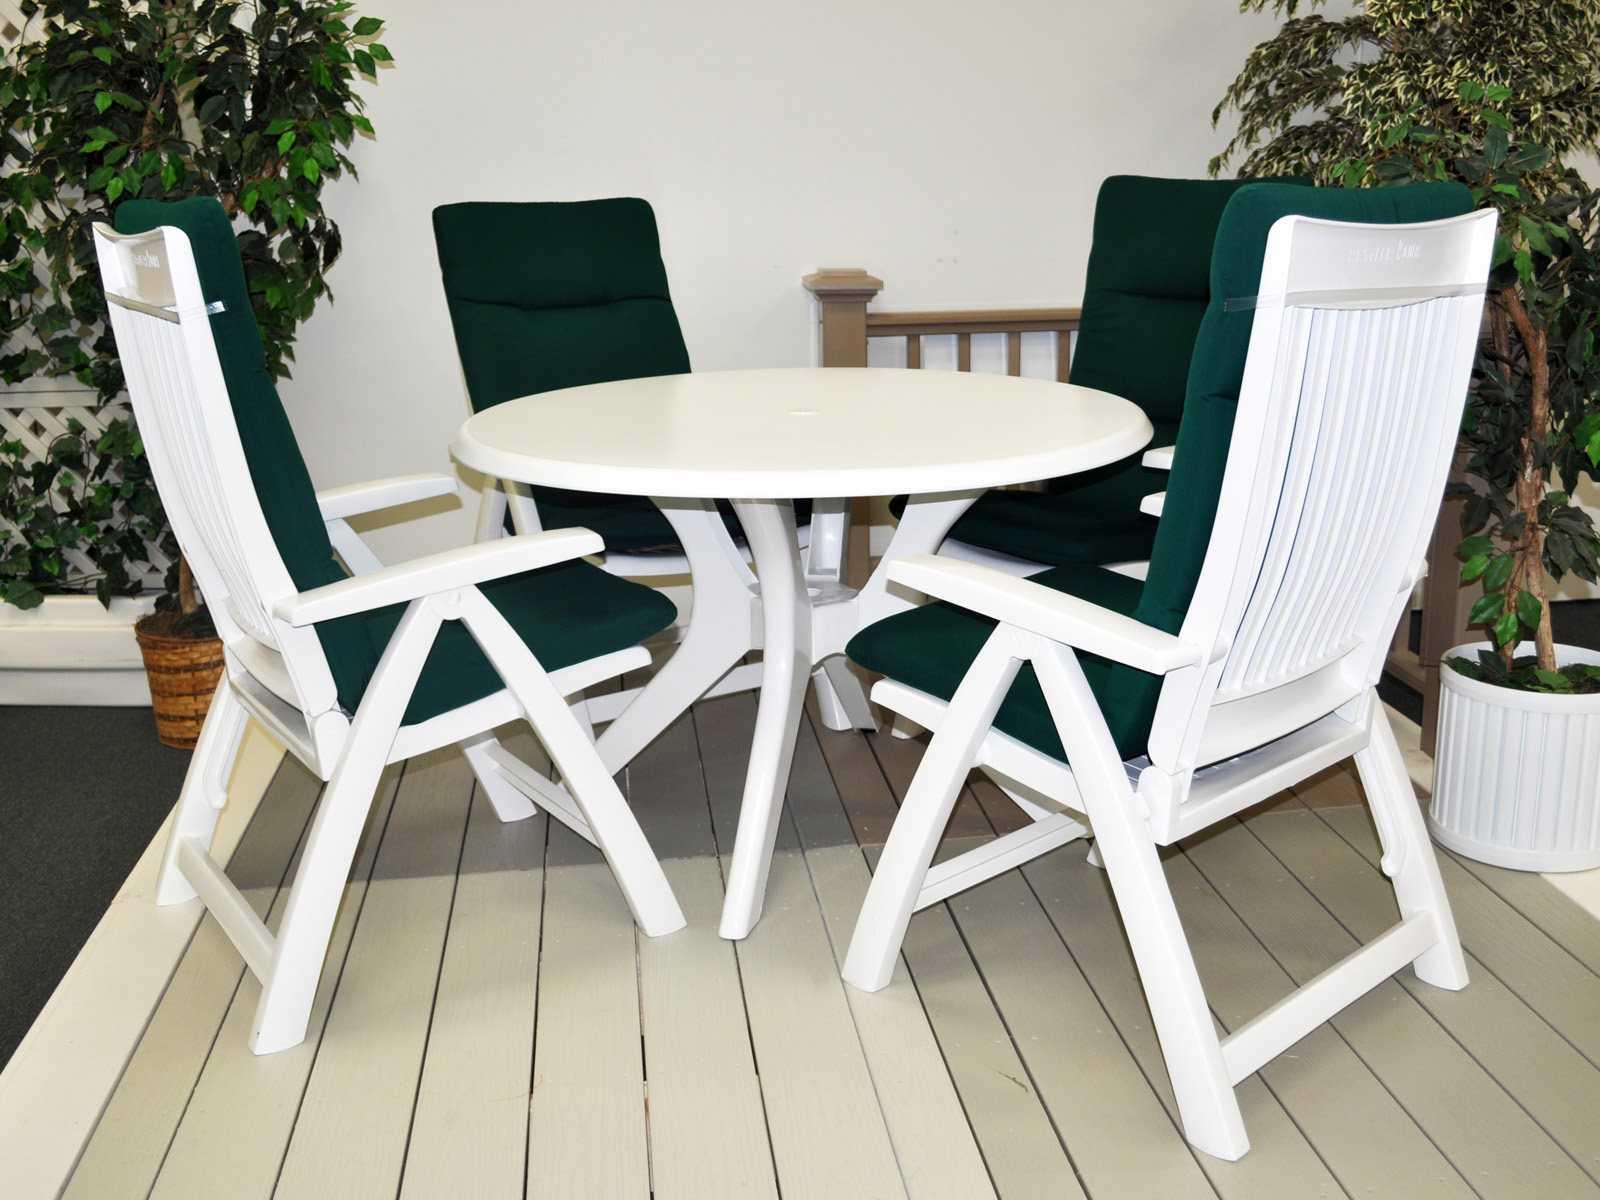 Kettler Roma Resin White Multi Position Lounge Chair